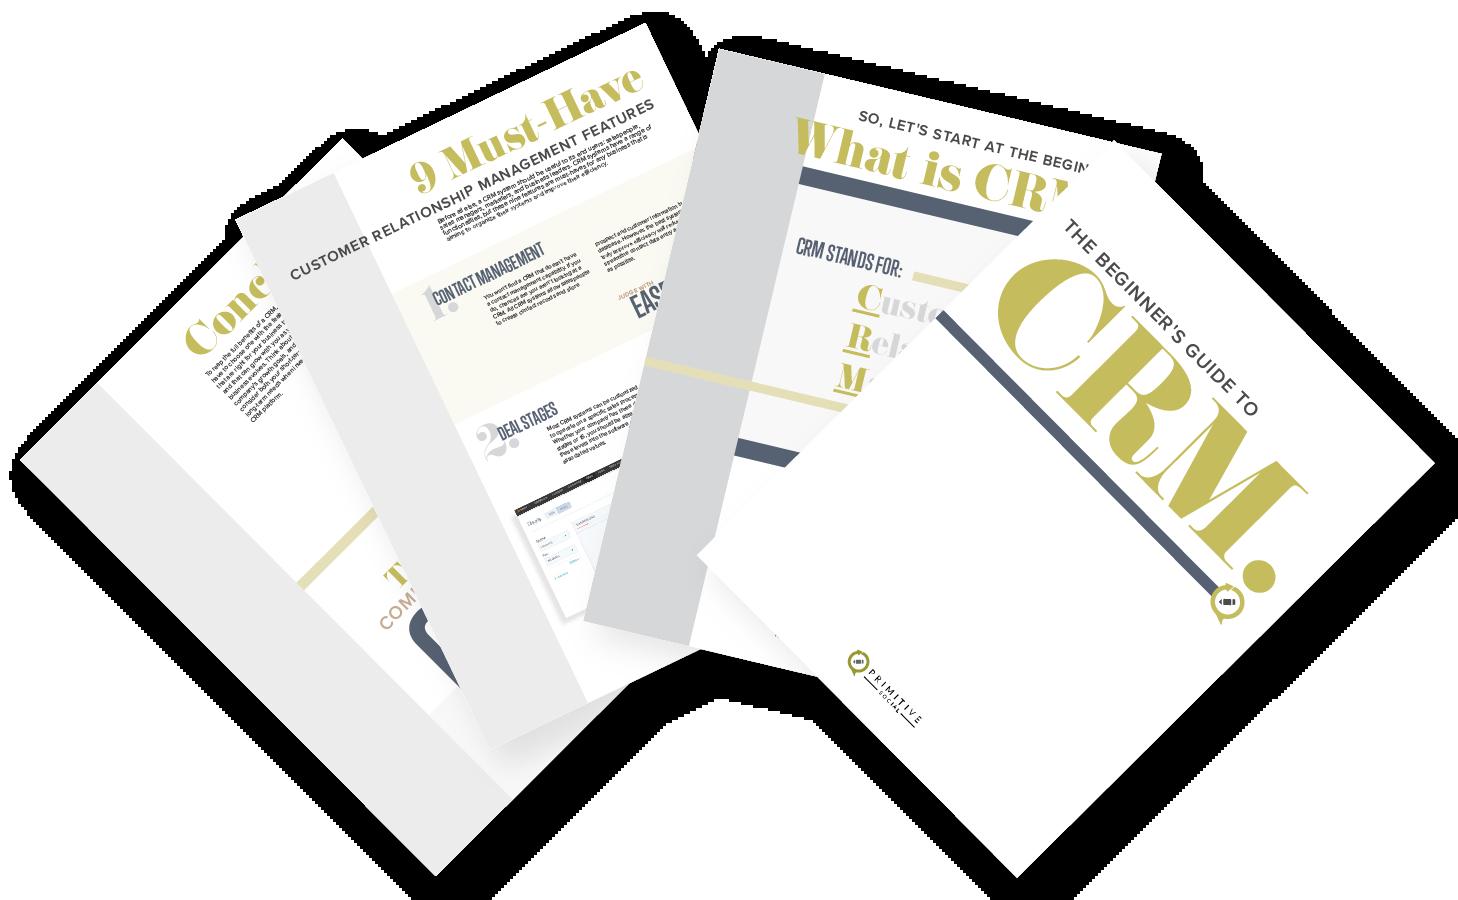 CRM-Guide-LP-Image